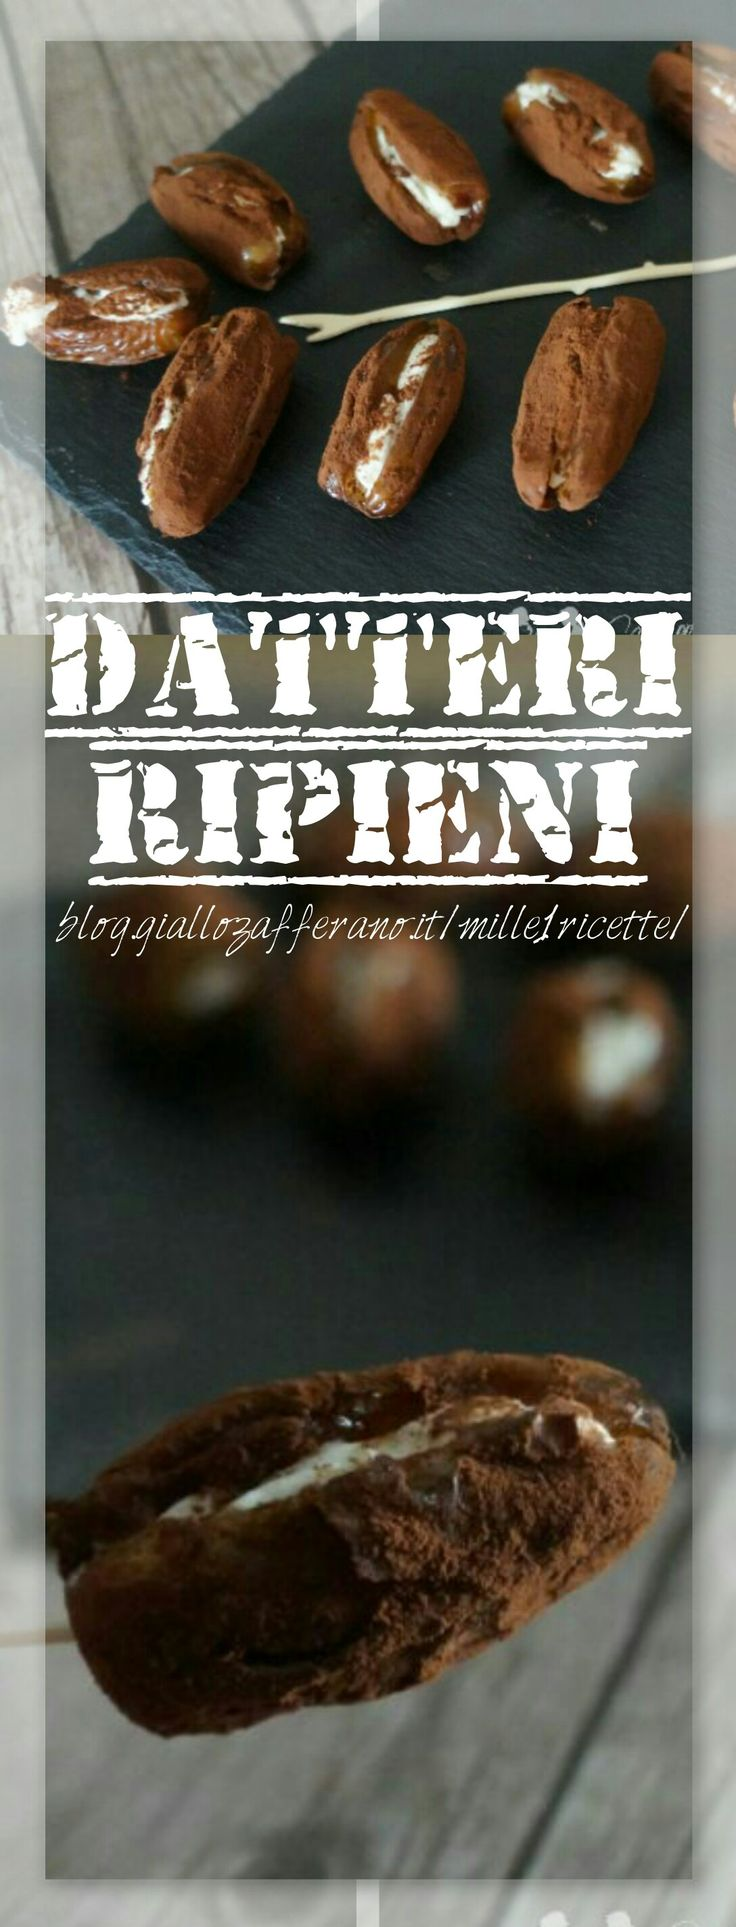 Datteri ripieni di mascarpone e una ricetta molto semplice e facile da preparare